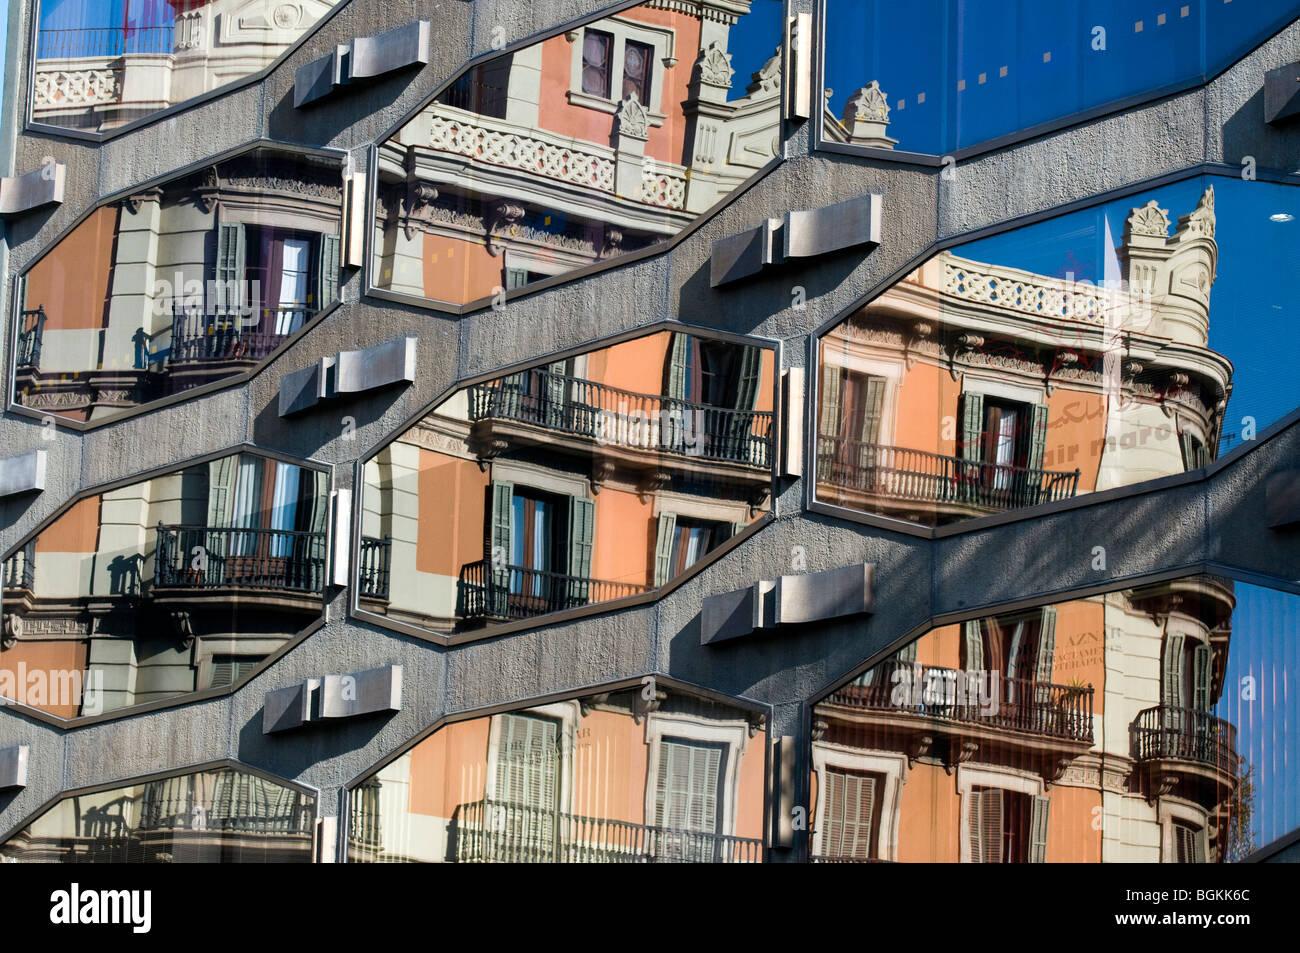 Nuovi e vecchi edifici' riflessione in Plaça de Urquinaona, Barcellona, Catalunya, Spagna Foto Stock